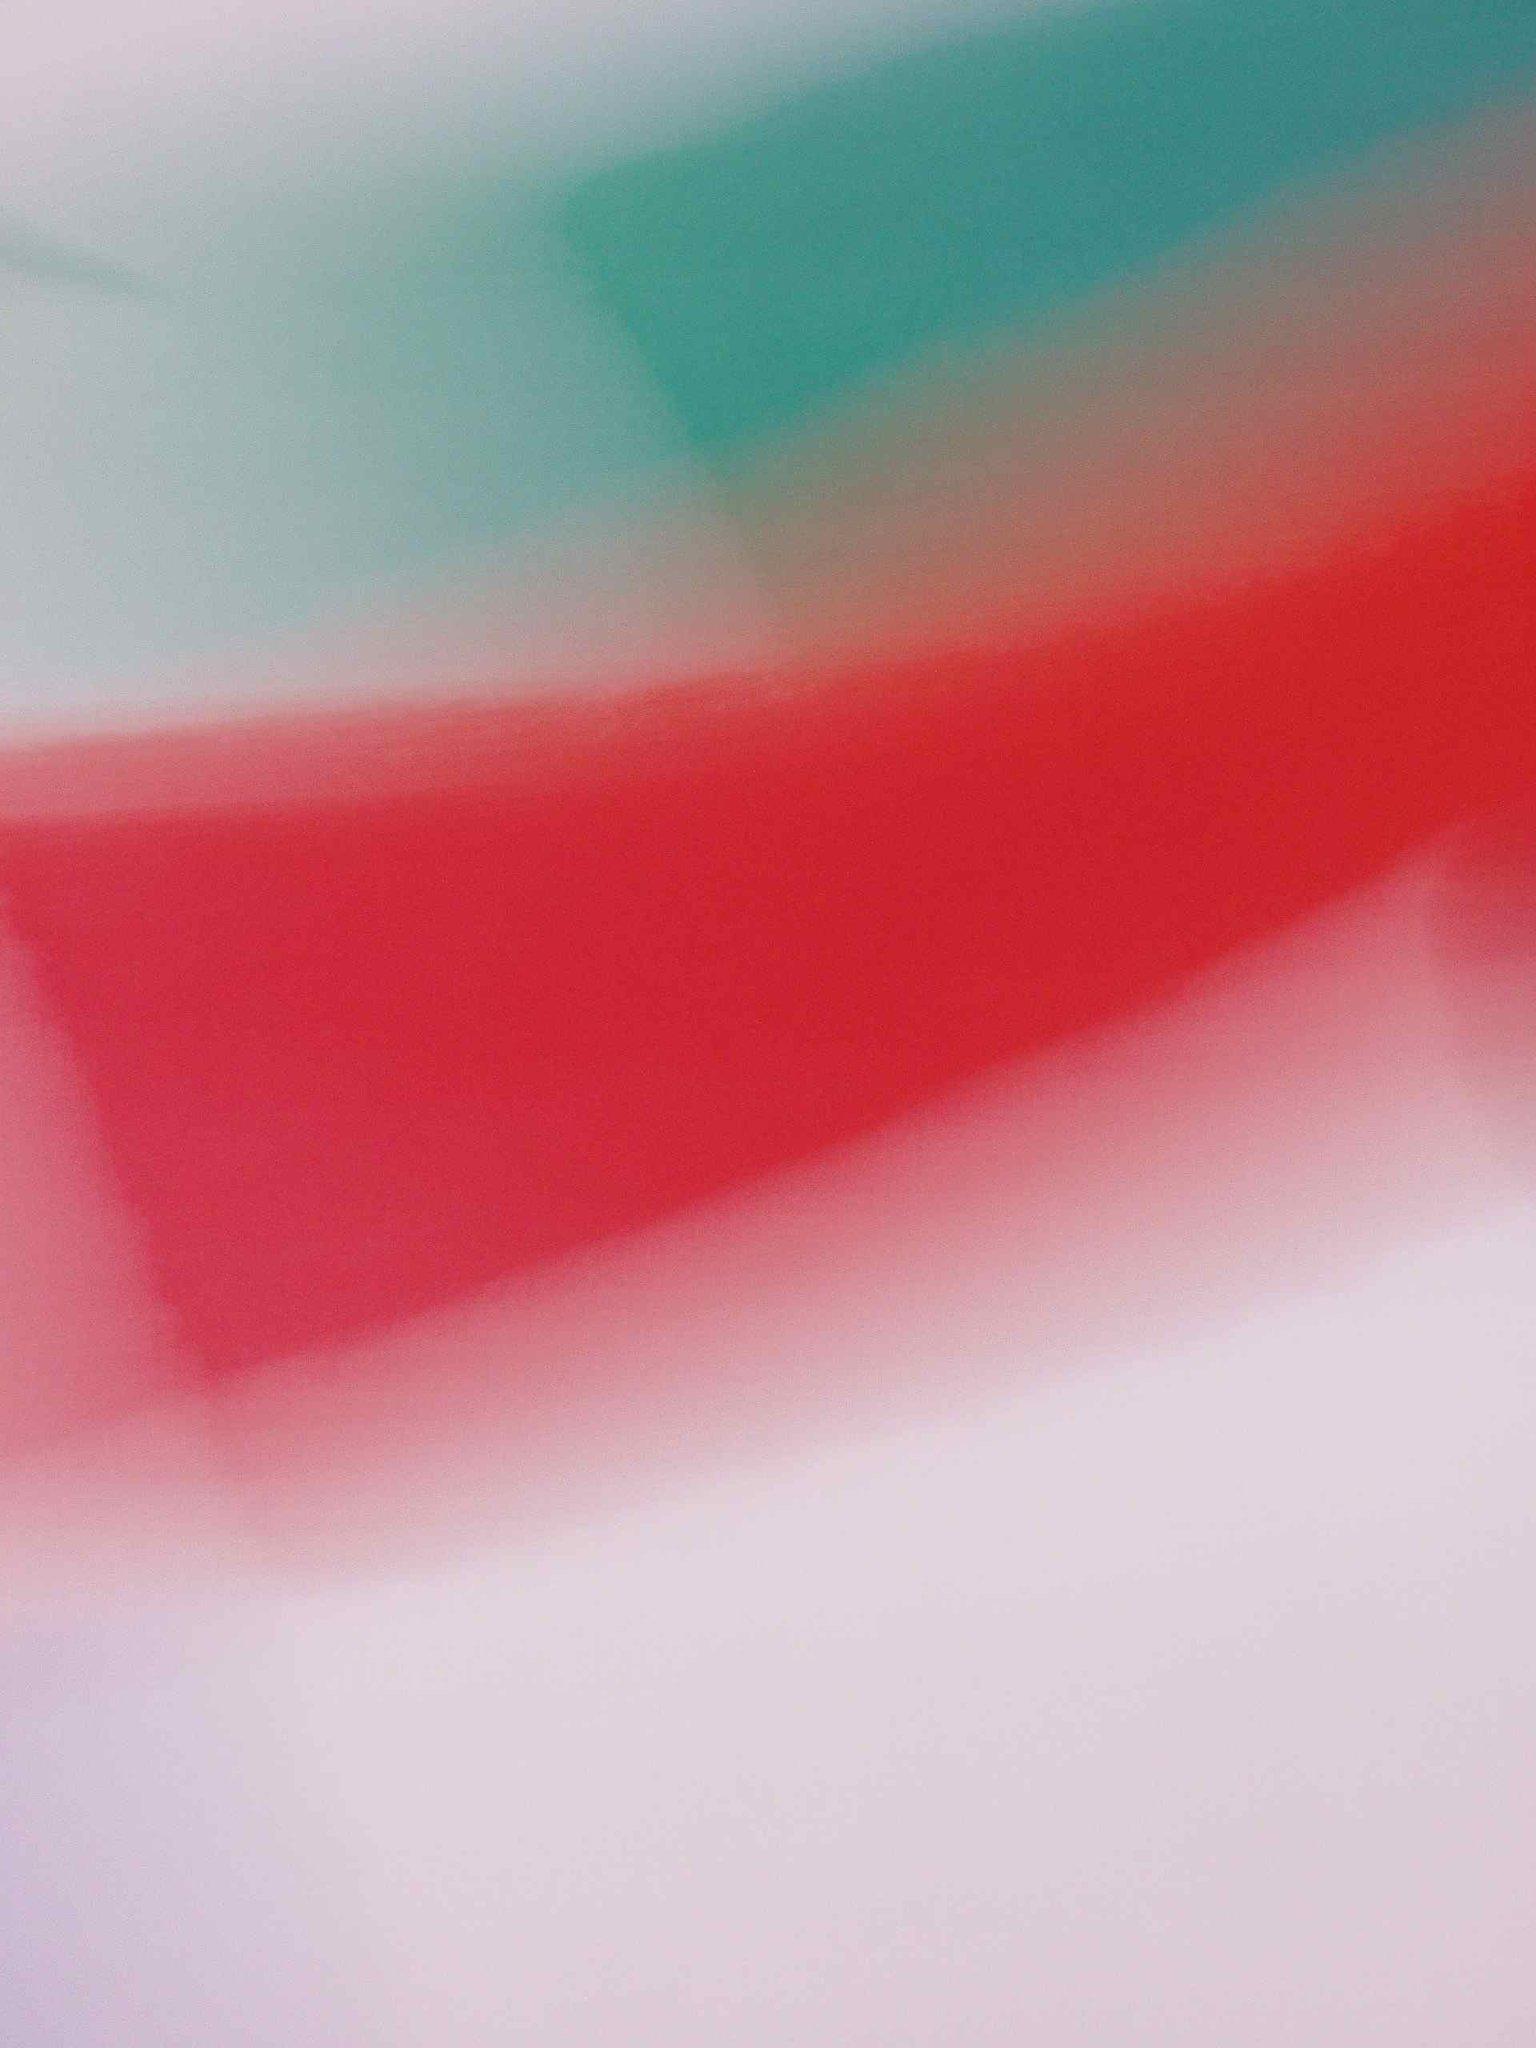 Plakat Nils Lan - 80 x 60 cm